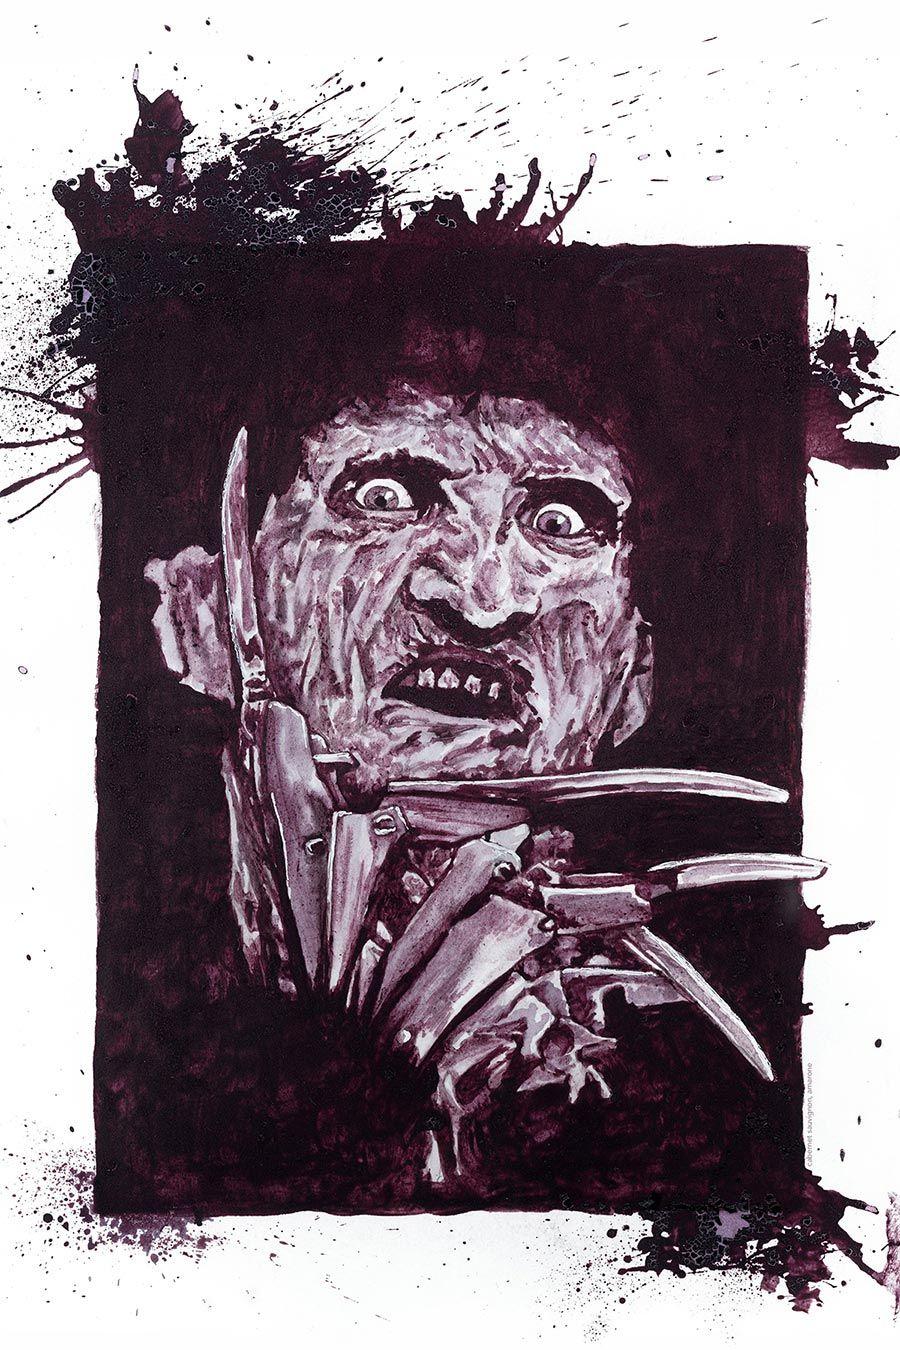 Grusel-Gemälde von Melissa Proudlock